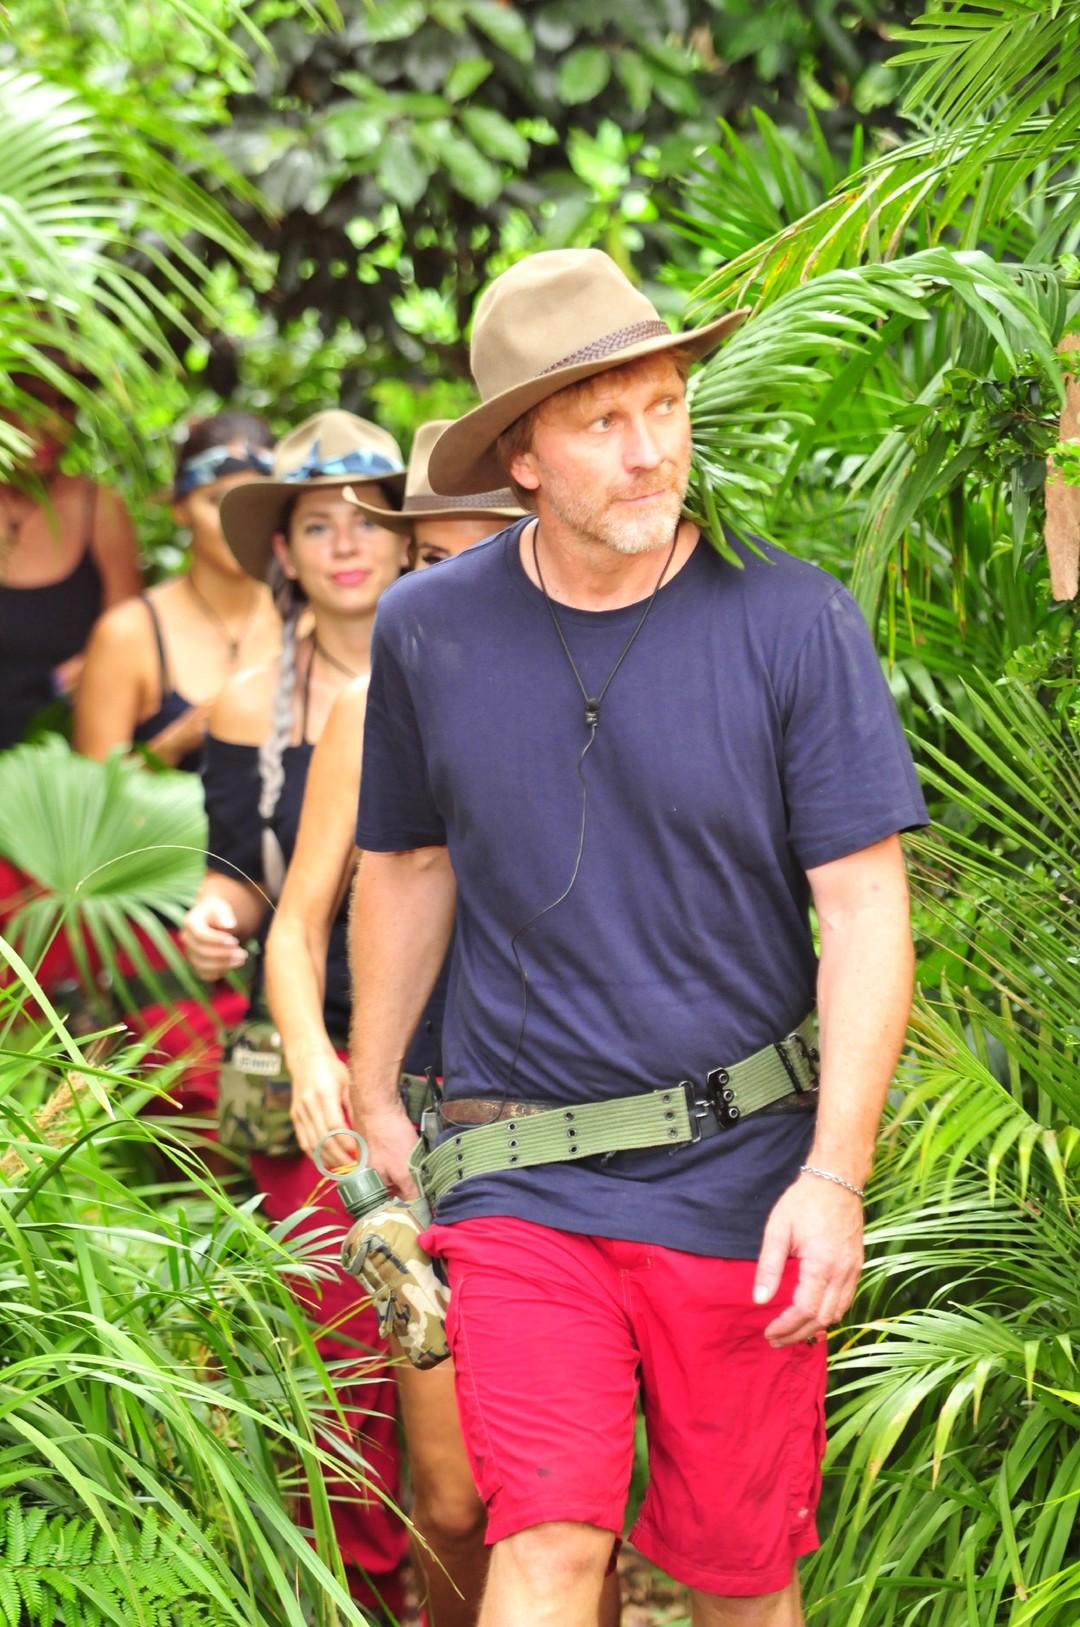 Dschungelcamp: Notfalleinsatz von Dr. Bob - Bild 3 von 65